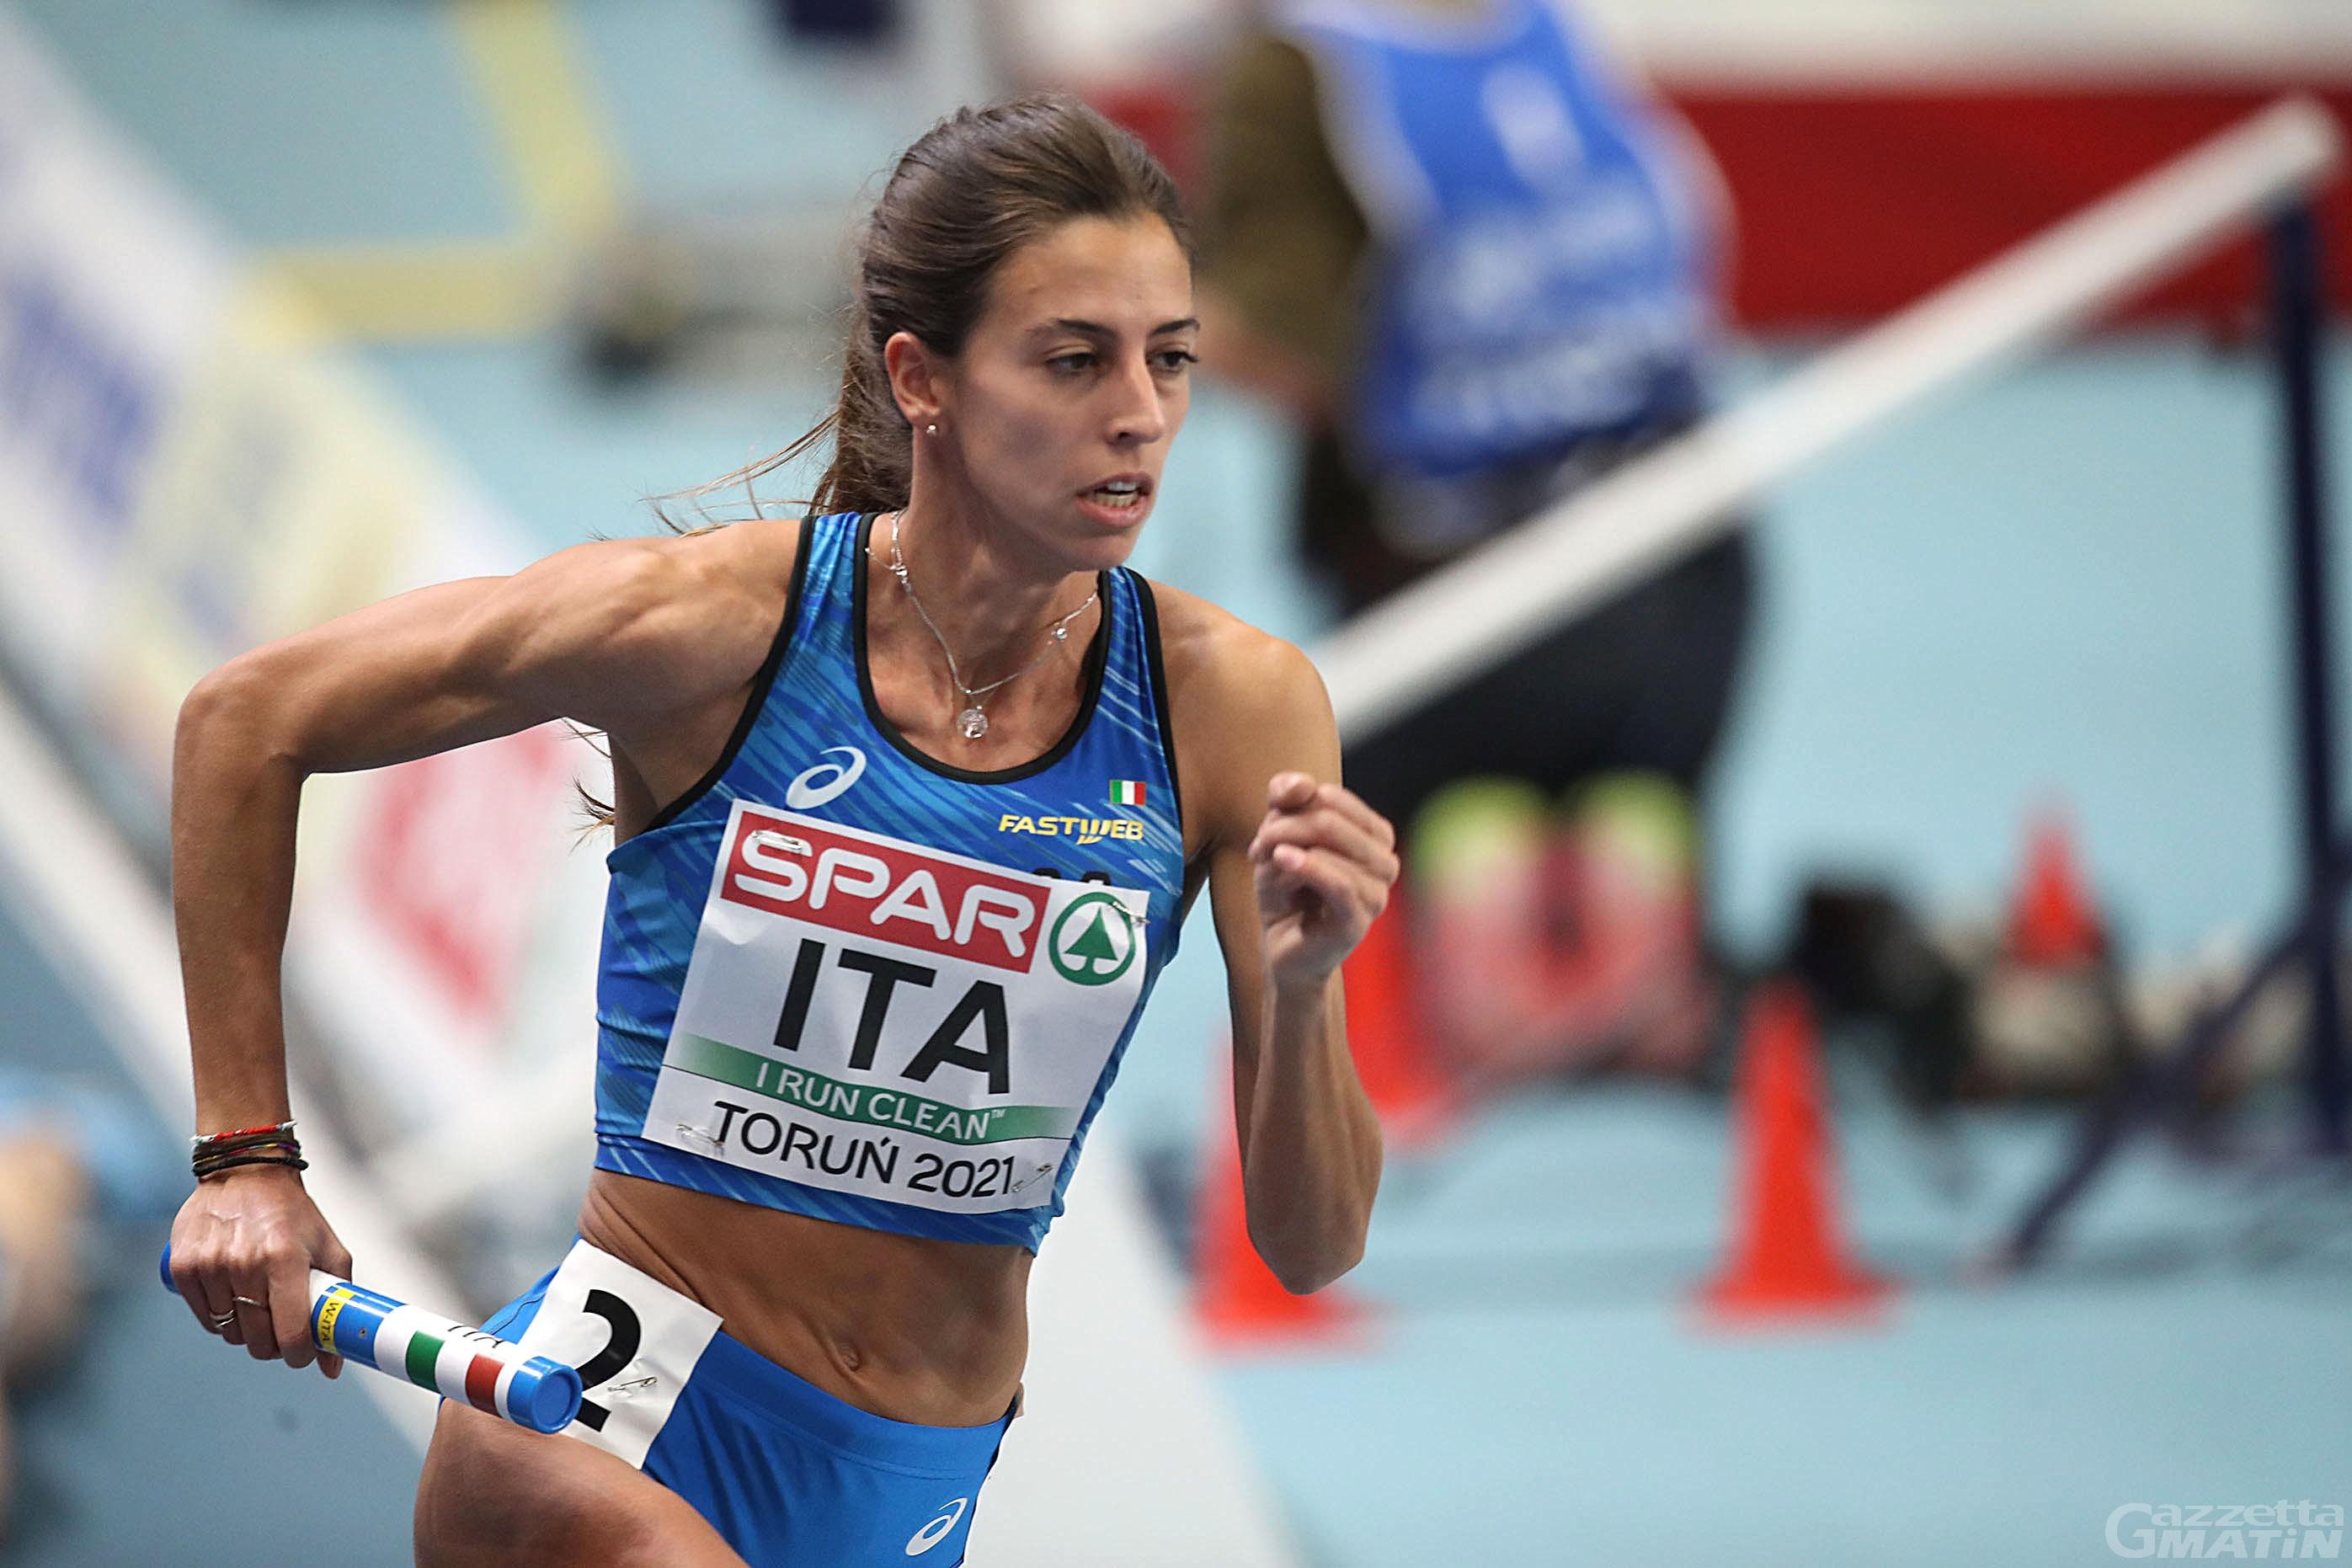 Atletica: Eleonora Marchiando convocata al raduno nazionale staffetta 4×400